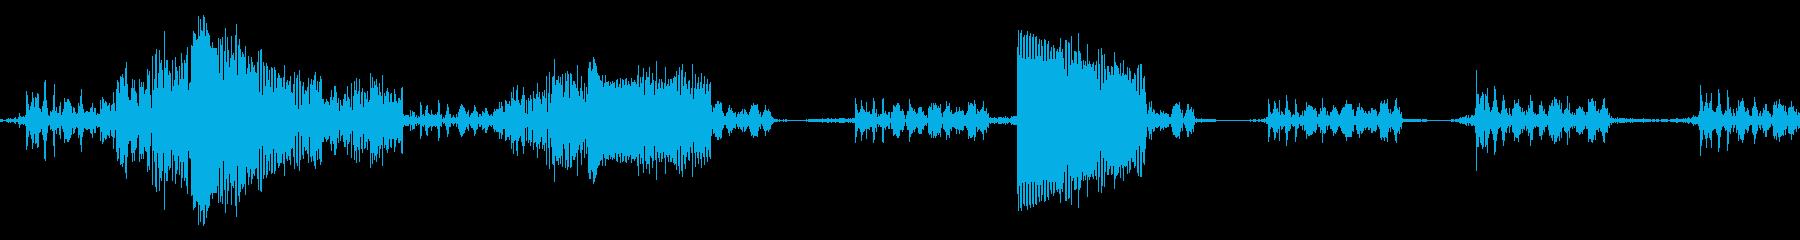 ビープ音13の再生済みの波形